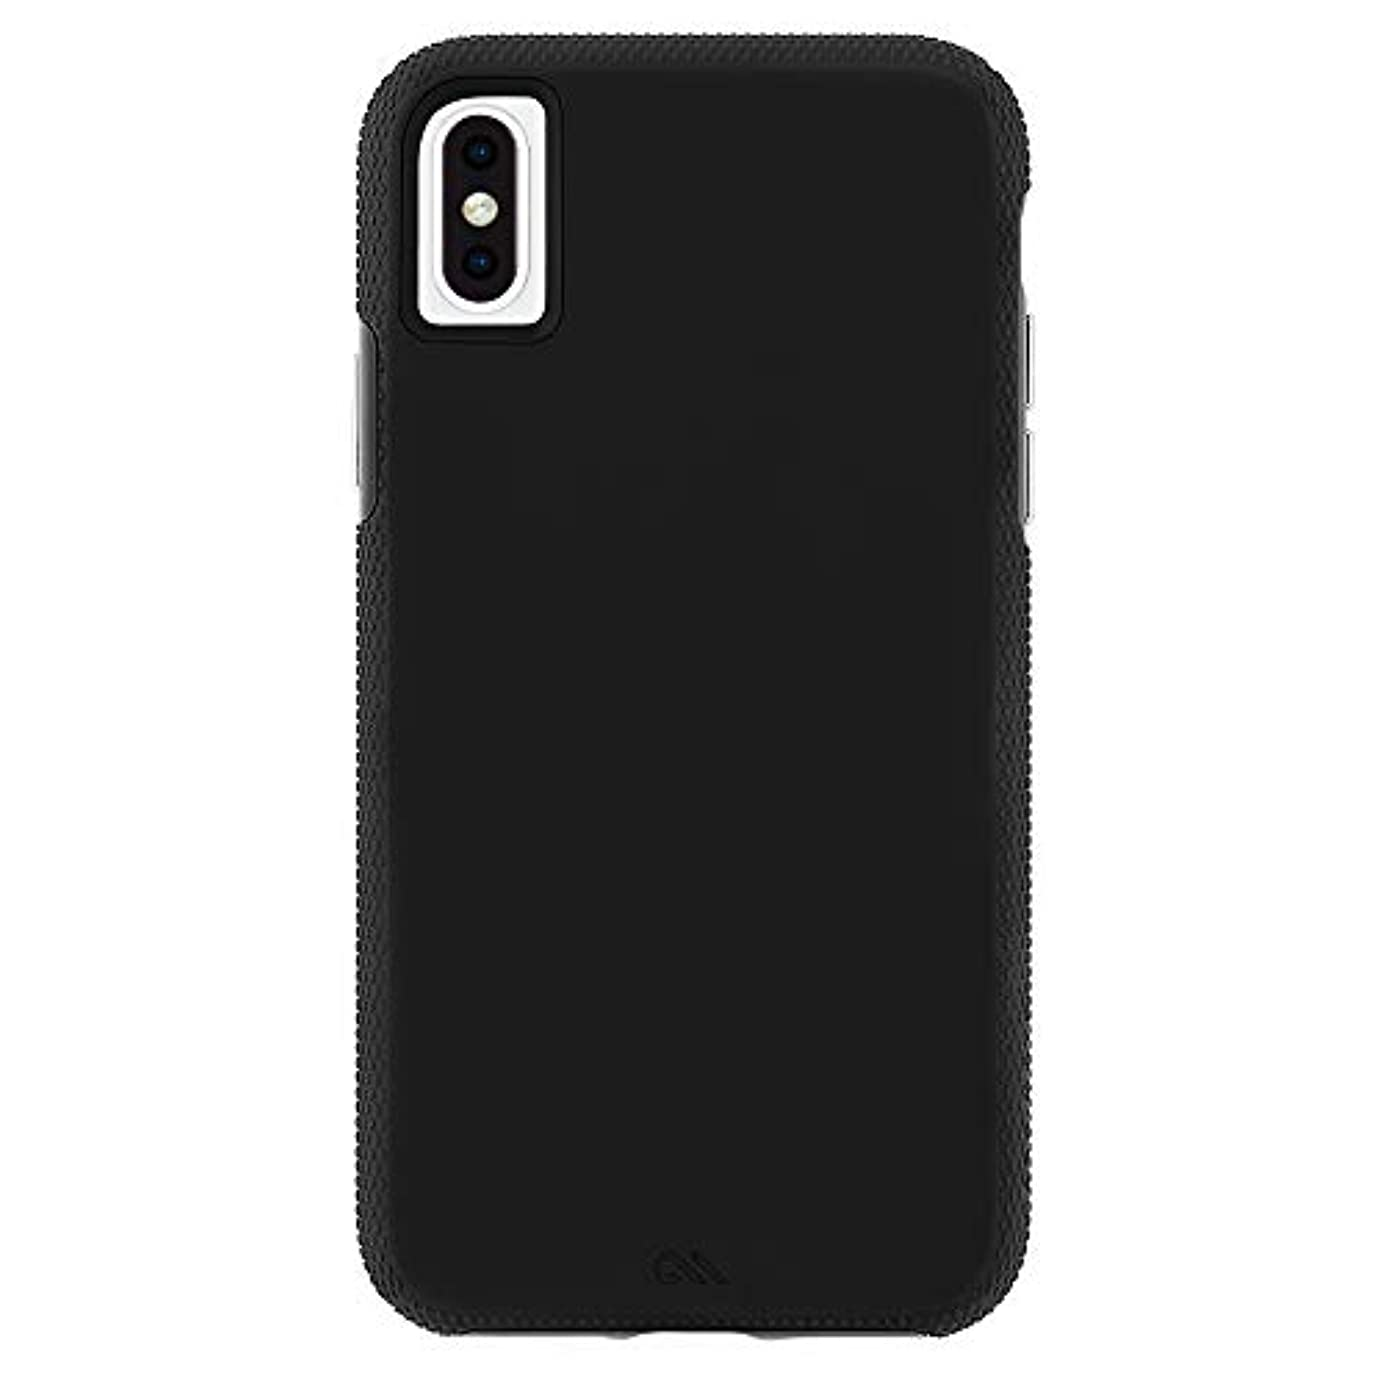 尋ねる癒すコンペCase-Mate iPhone XS Max Tough Grip ワイヤレス充電対応ケース 耐衝撃 頑丈 握りやすいグッドデザイン - Black/Black アイフォン 10MAX タフグリップ ブラック/ブラック